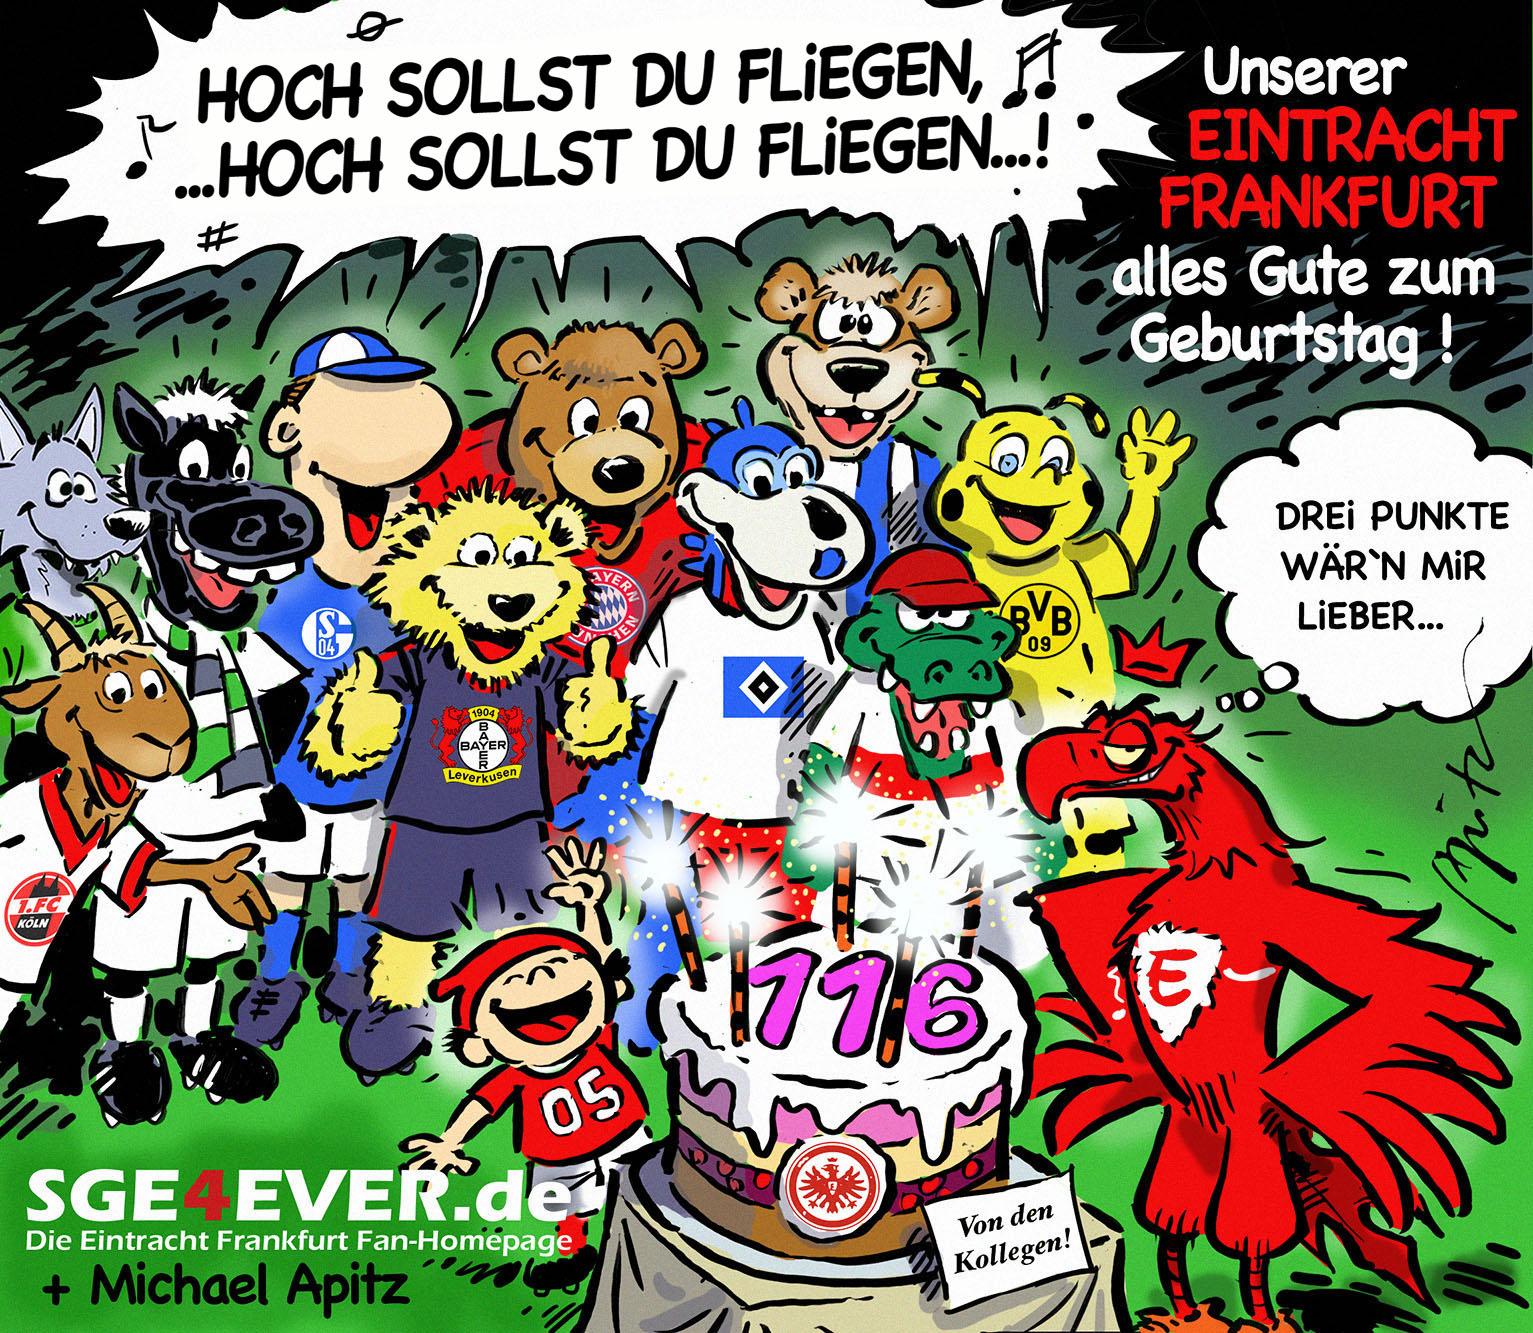 Sonderedition - 116 Jahre Eintracht Frankfurt